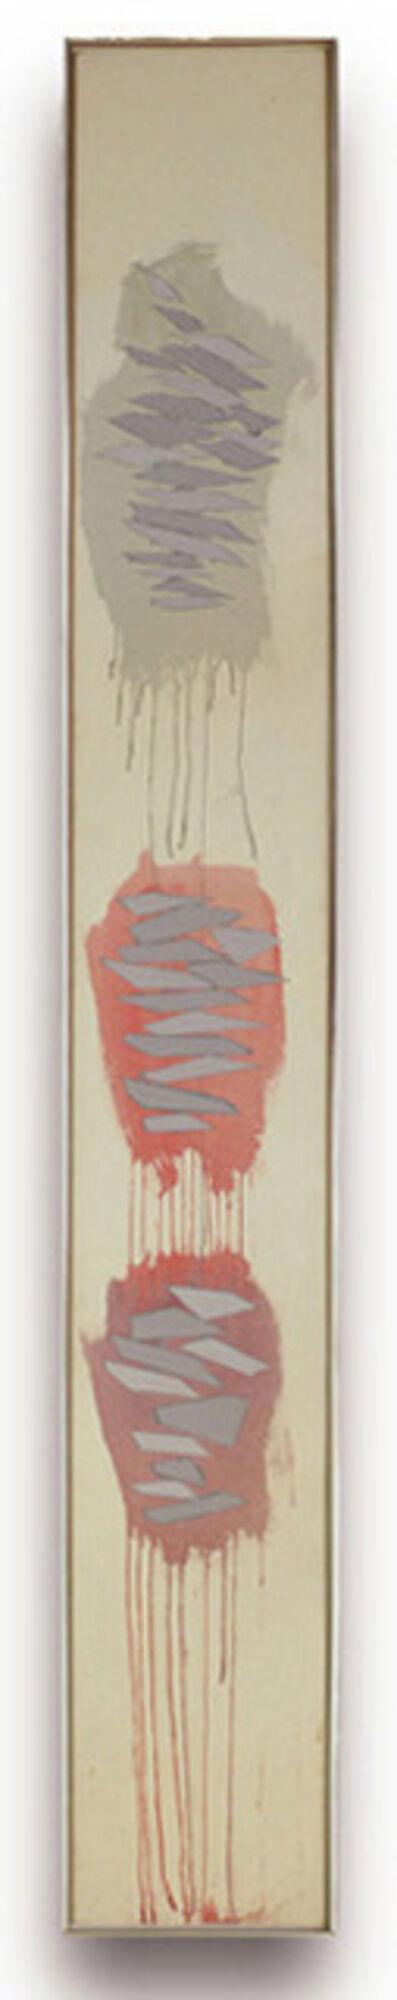 Robert Goodnough, 'Vertical Statement', 1972